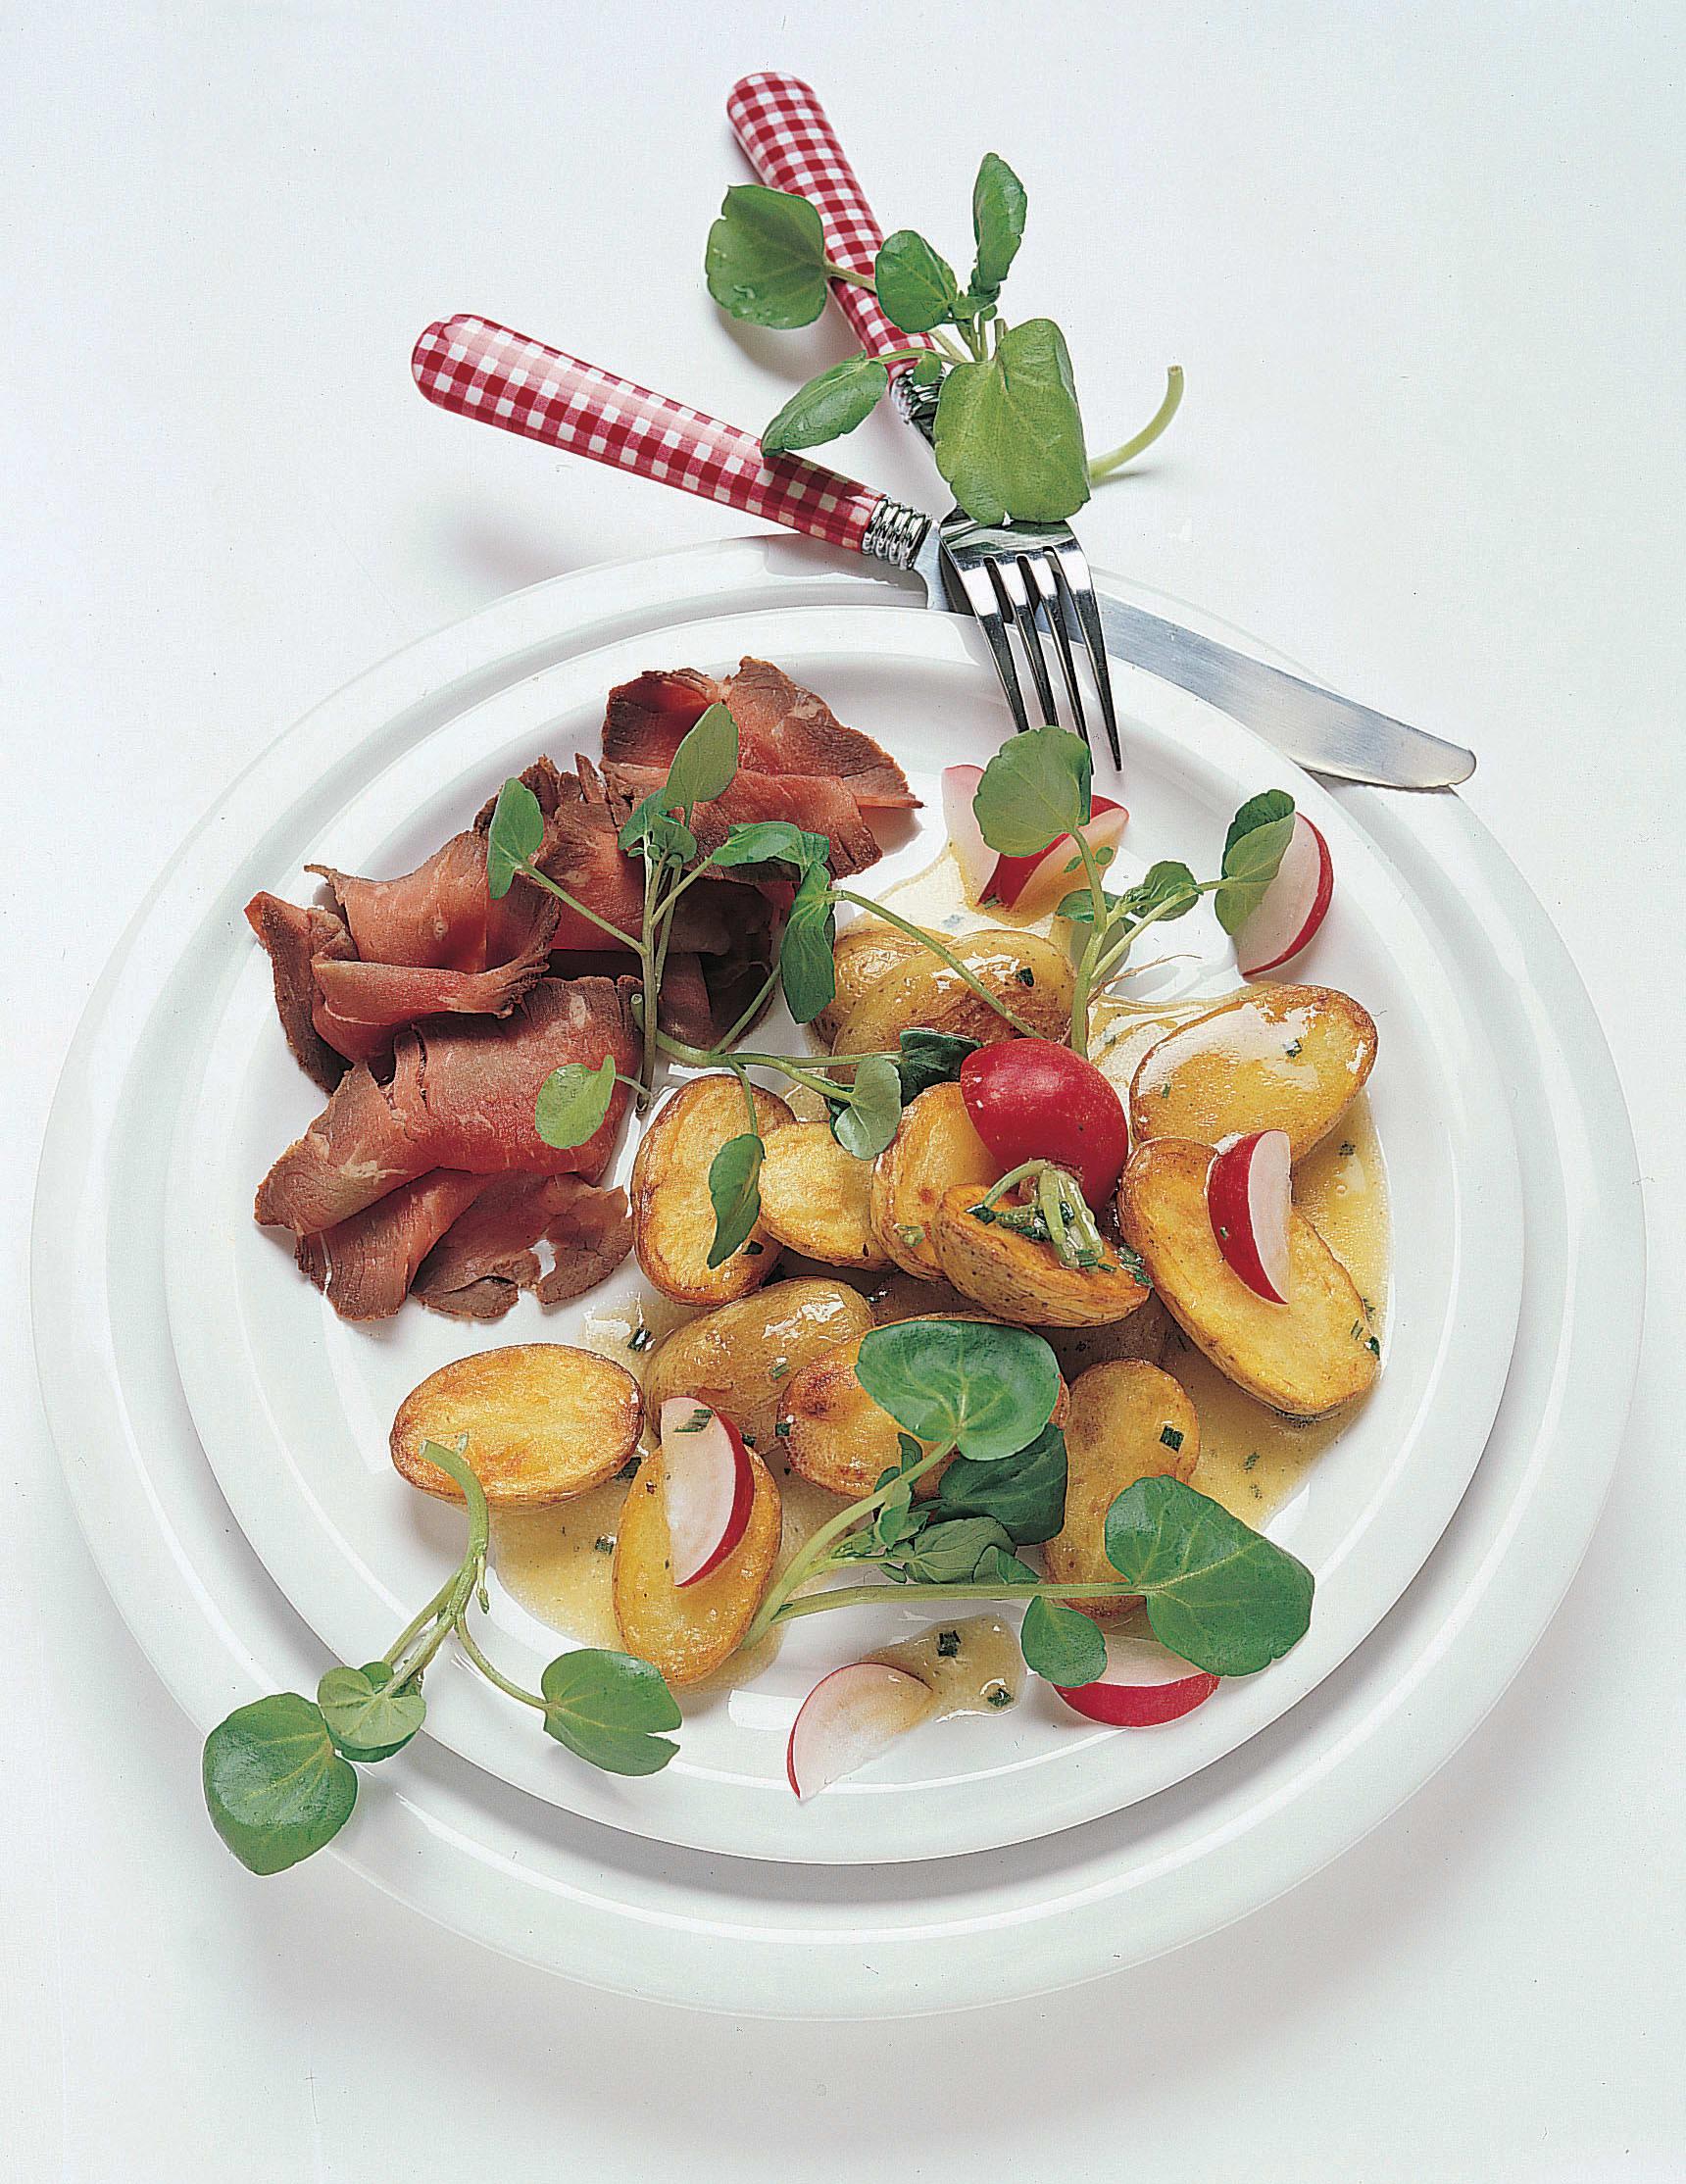 Salade de pommes de terre tiède au rosbif